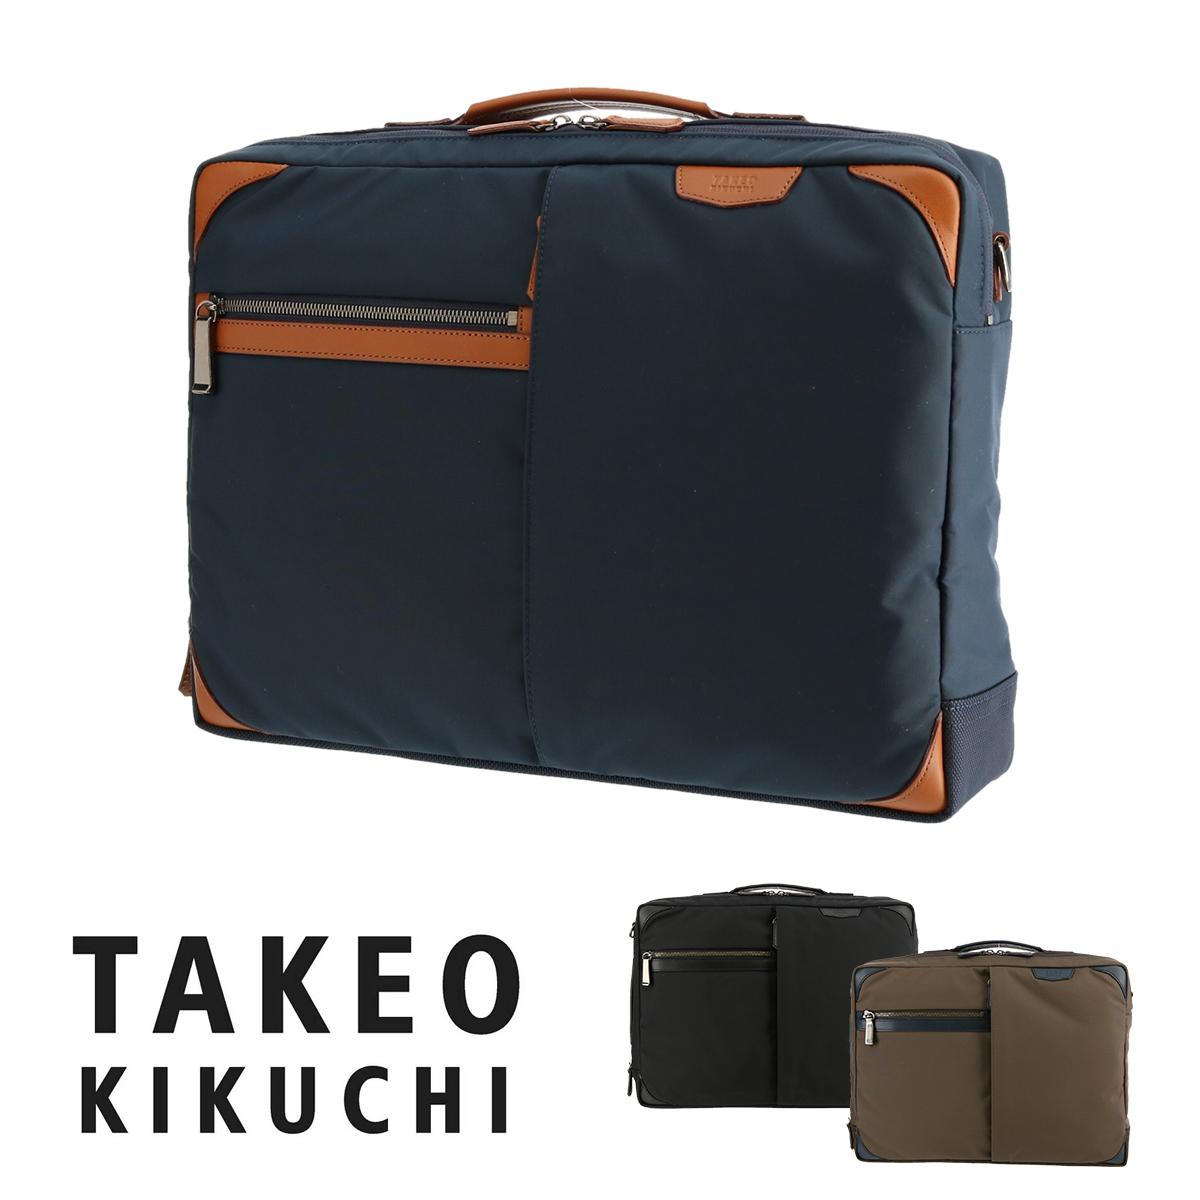 タケオキクチ ビジネスバッグ 3WAY メンズ 日本製 ロイズ 711533 LLOID'S TAKEO KIKUCHI ビジネスリュック キクチタケオ 【PO5】【bef】